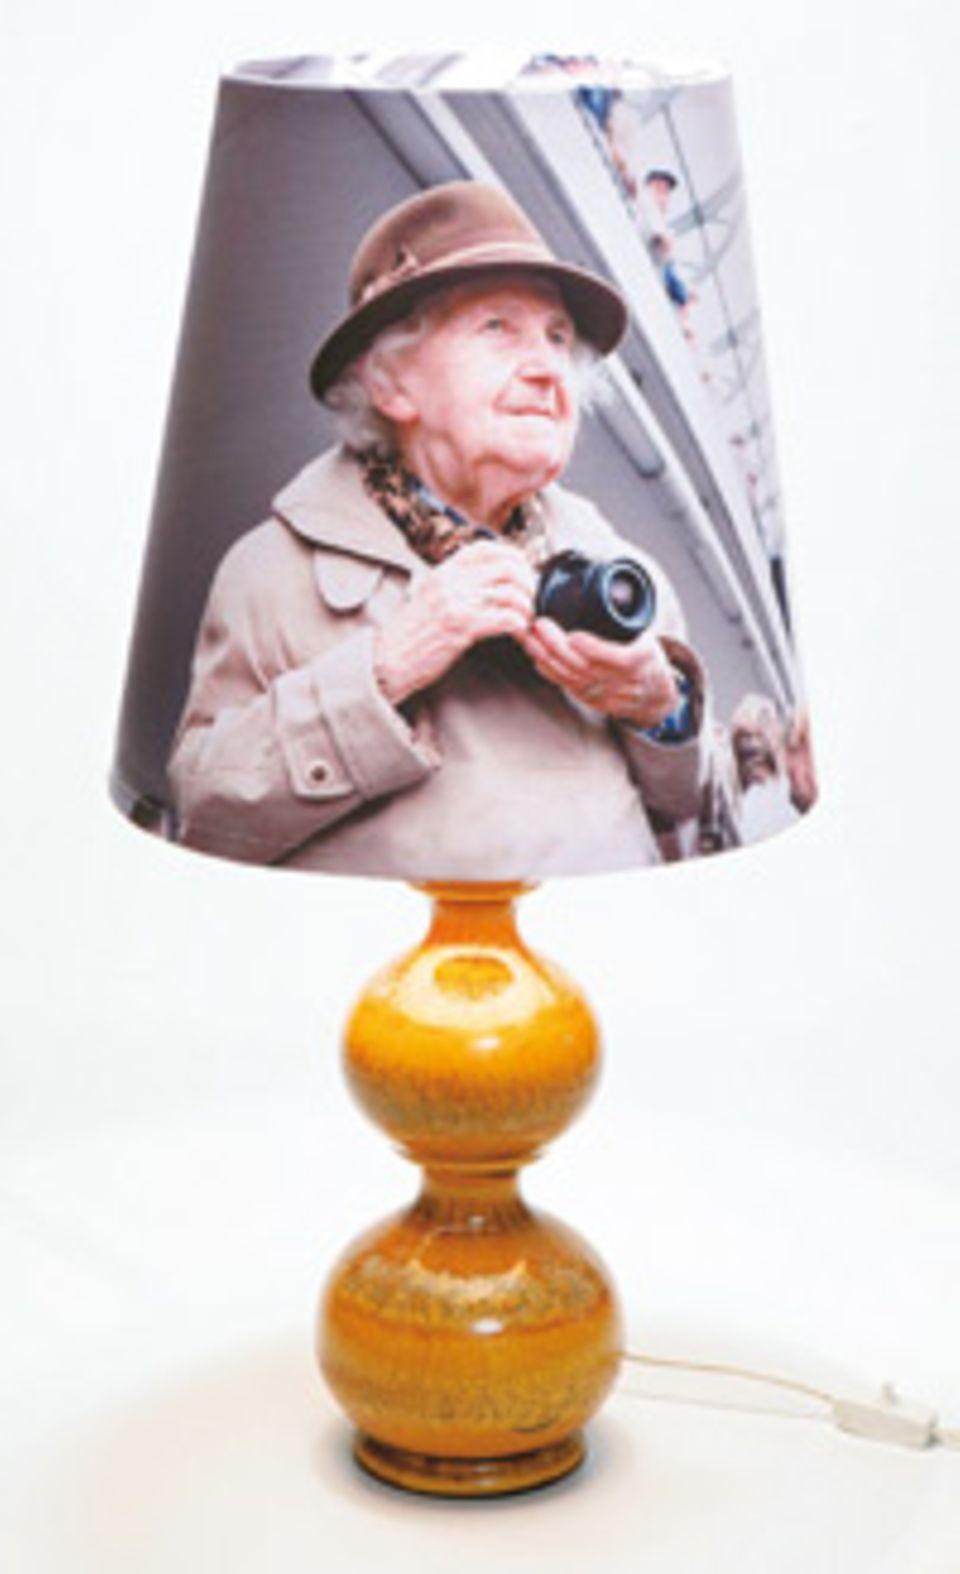 """Lampe Größere Copyshops können fast jede Art von Textil bedrucken und bieten auch Fahnenstoffe wie diesen an. Damit haben wir den Lampenschirm """"Fantsa"""" von Ikea (ca. 10 Euro) bespannt"""